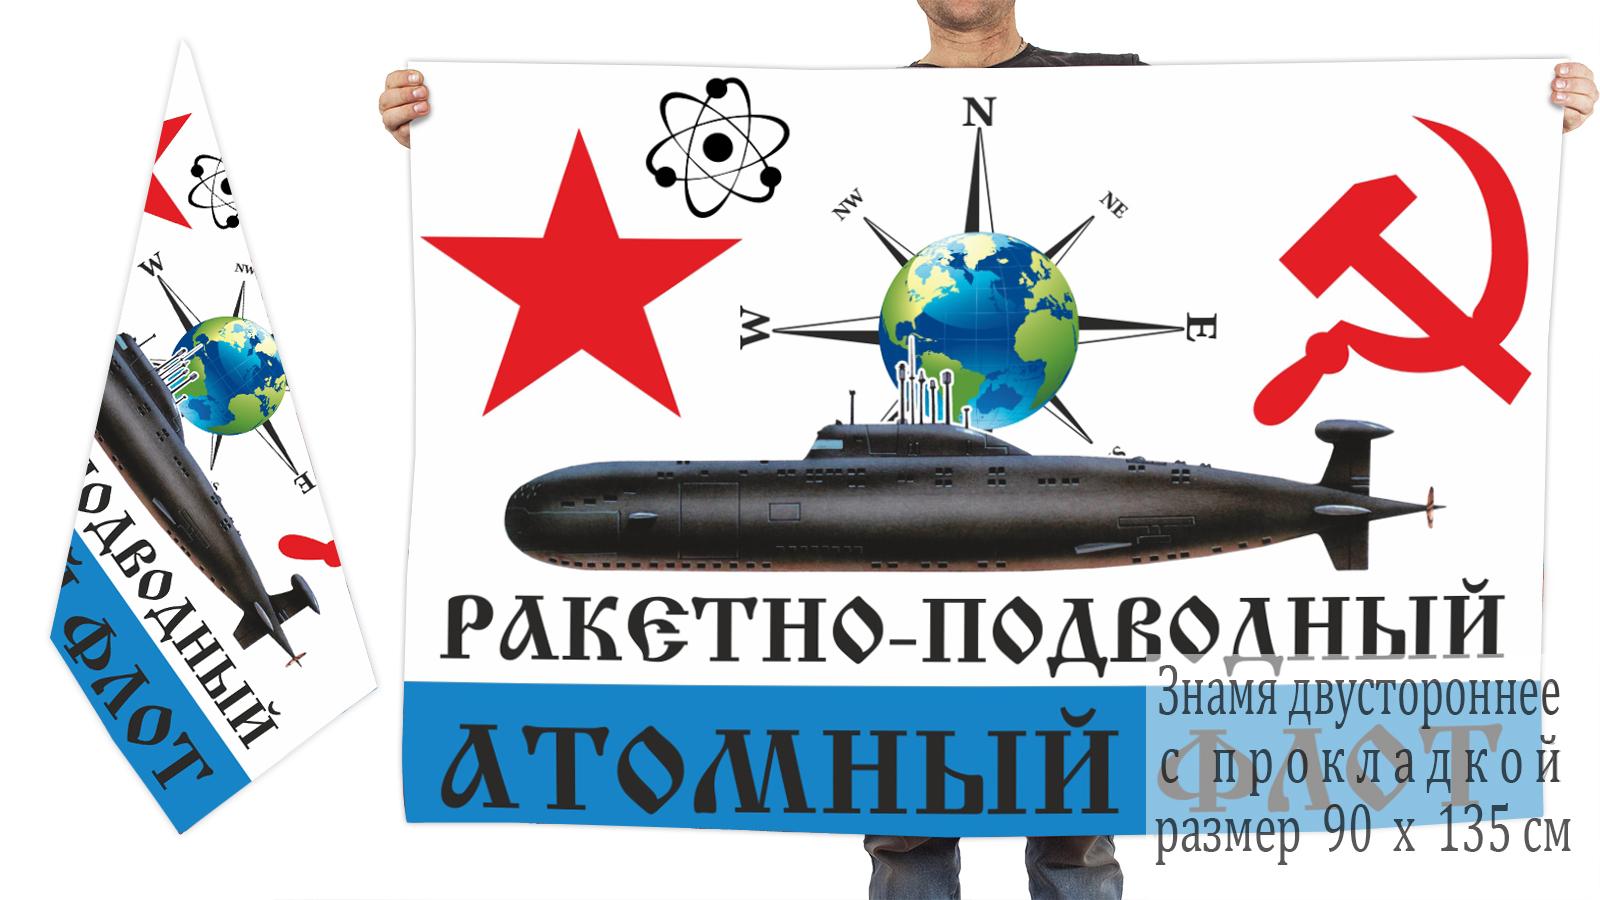 Двусторонний флаг Атомного подводного флота СССР